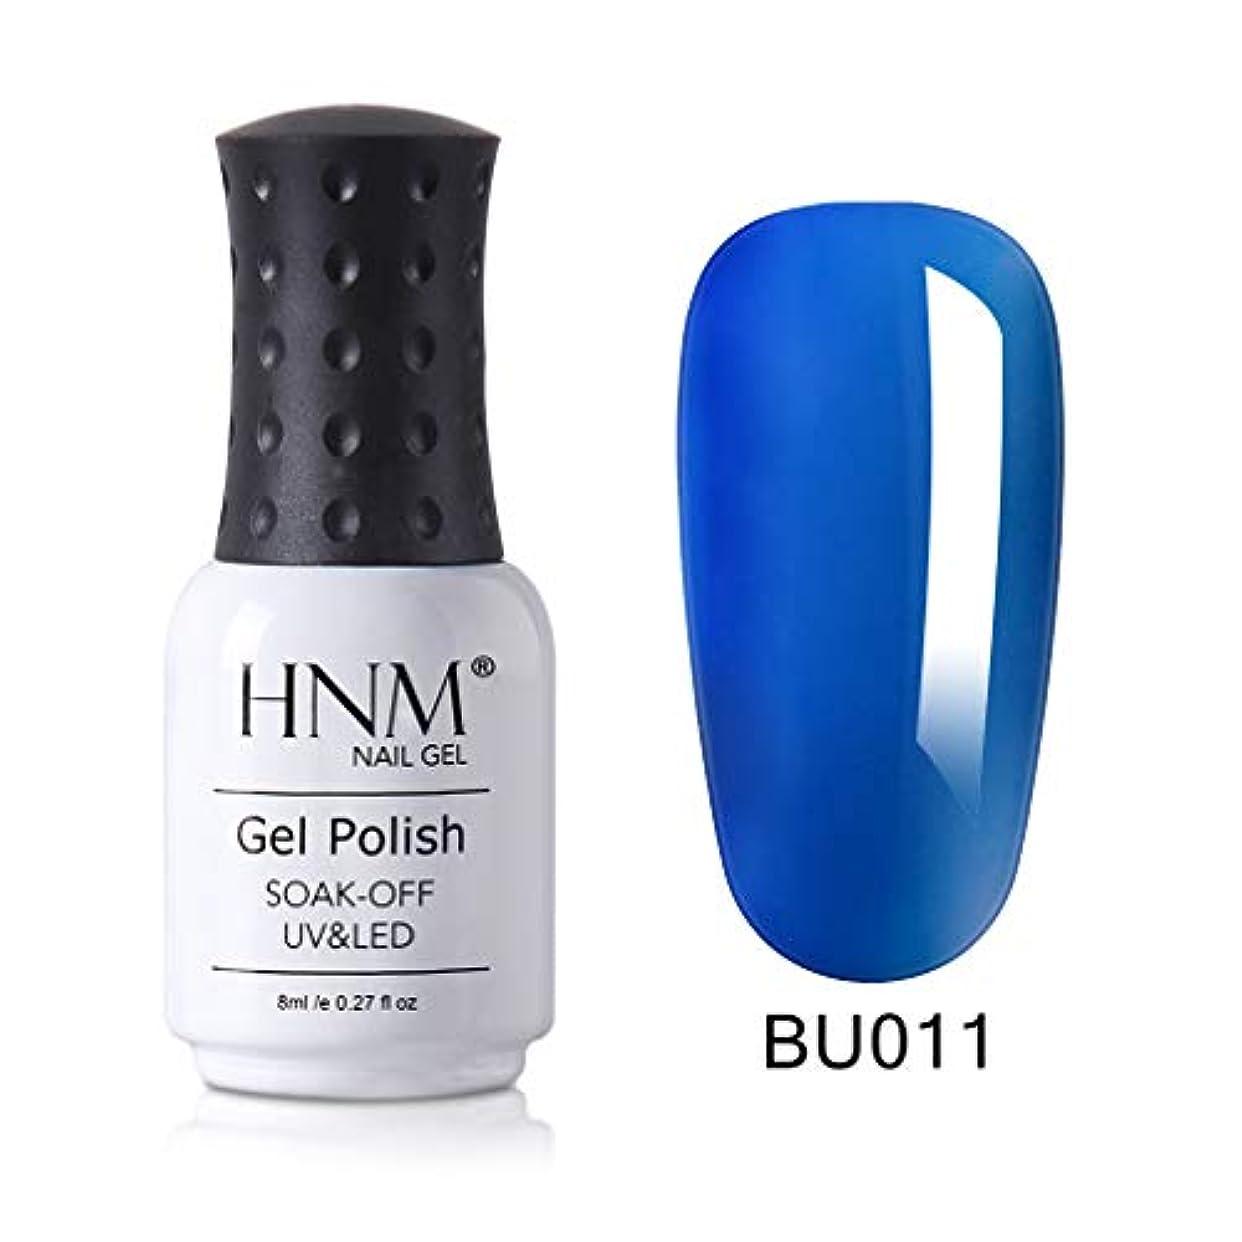 見せます単調な転倒HNM ジェルネイル カラージェル ブルー系 1色入り 8ml 【全36色選択可】